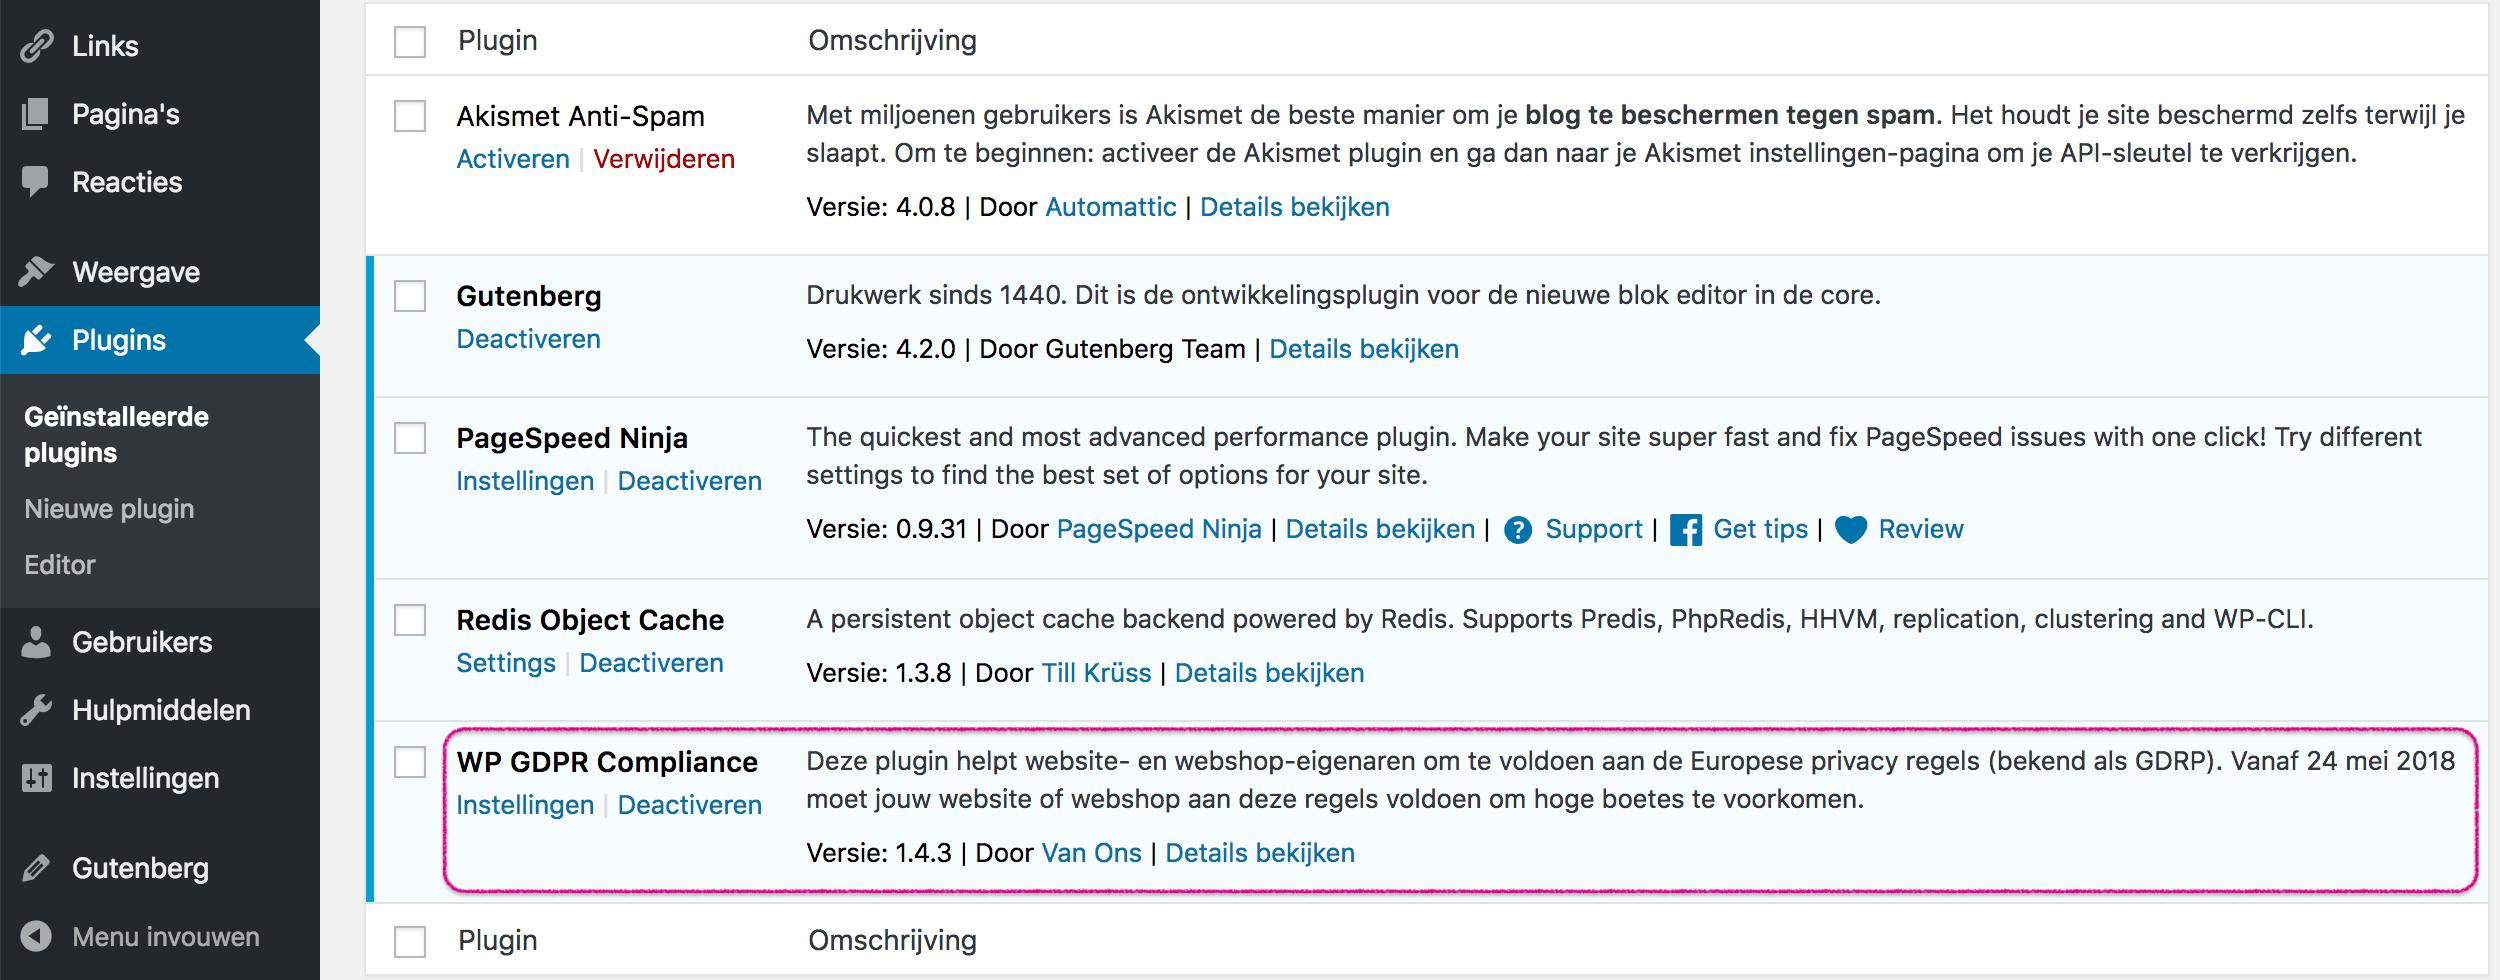 WP GDPR Compliance-plugin voor WordPress.